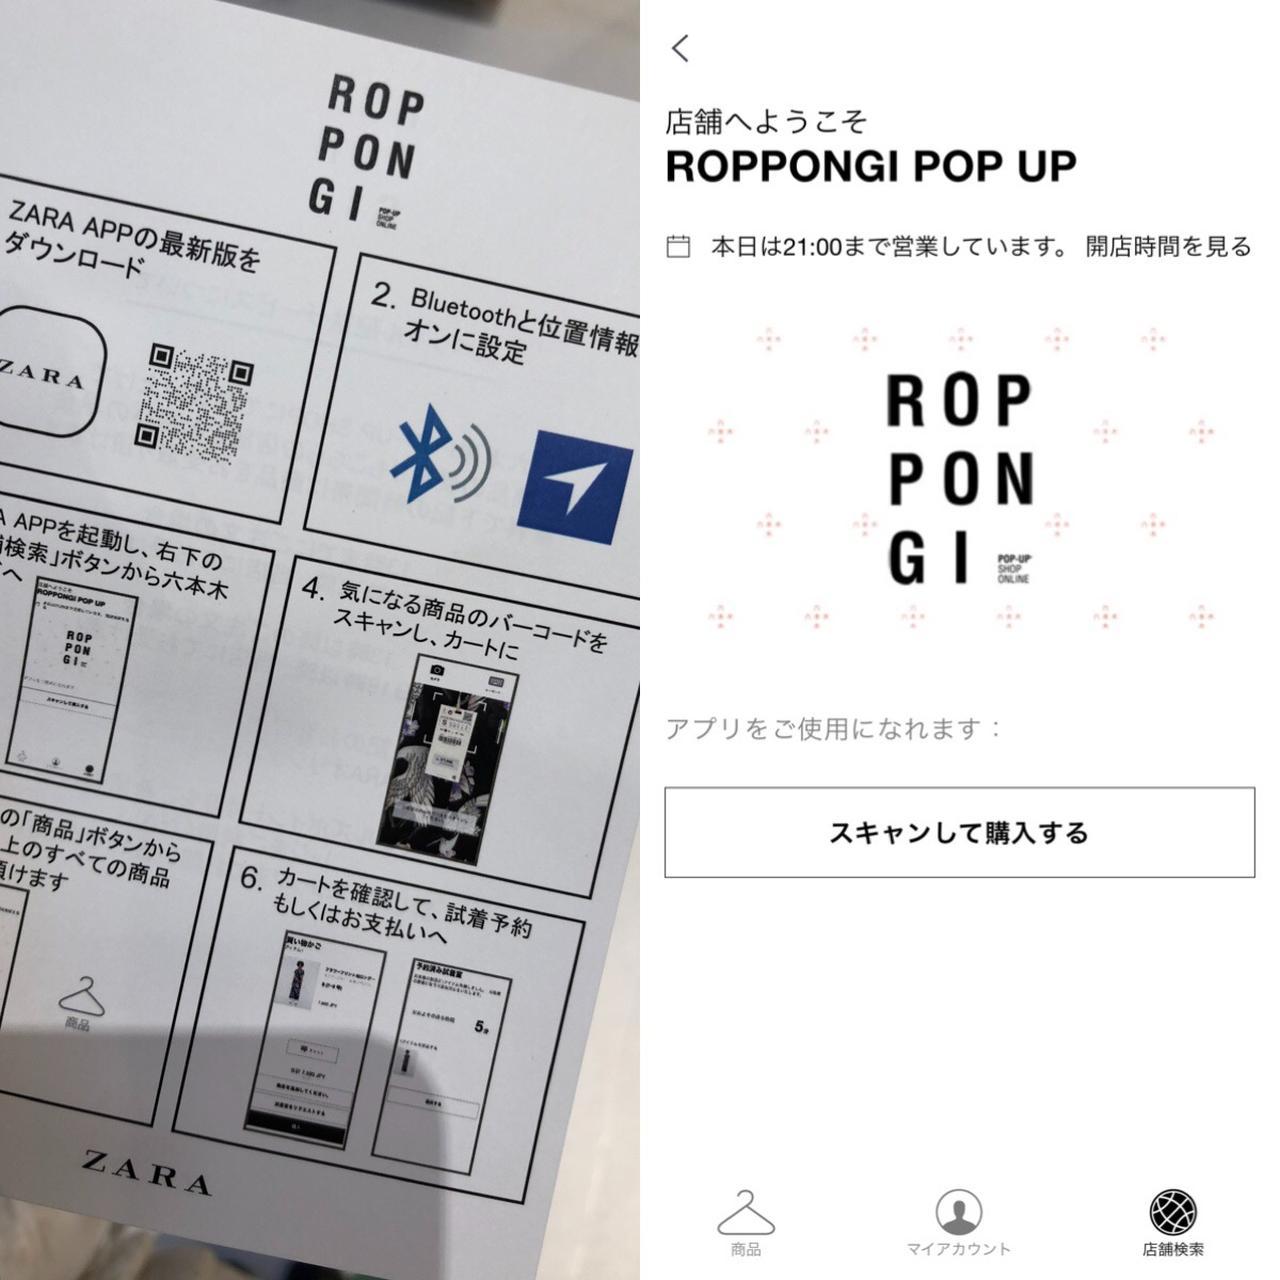 画像: お店に入る際アプリの使い方が書かれた紙をもらいましょう。